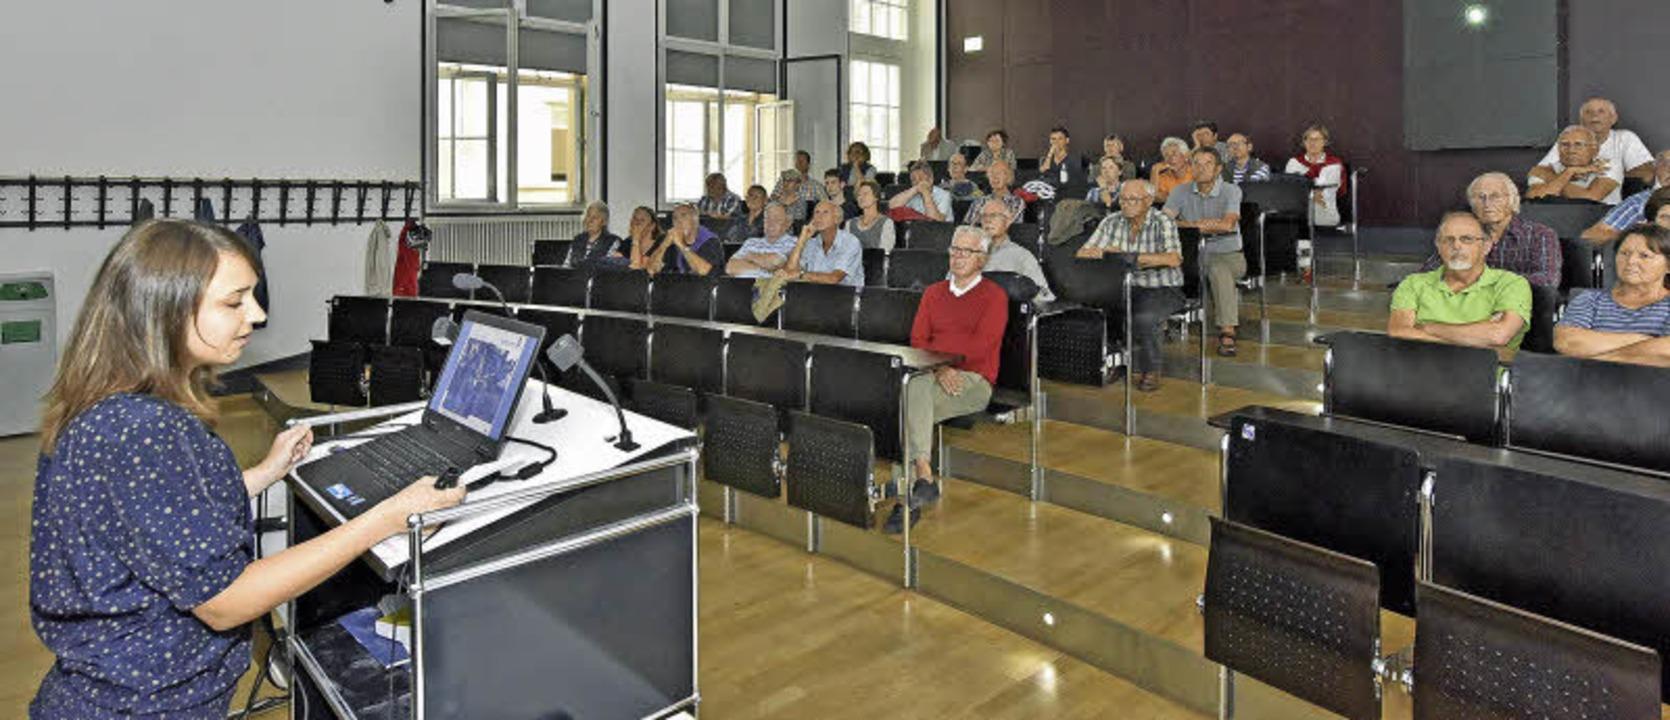 Meteorologin Sarah Jäger erklärt im Audimax der Uni BZ-Lesern das Wetter.    Foto: Michael Bamberger